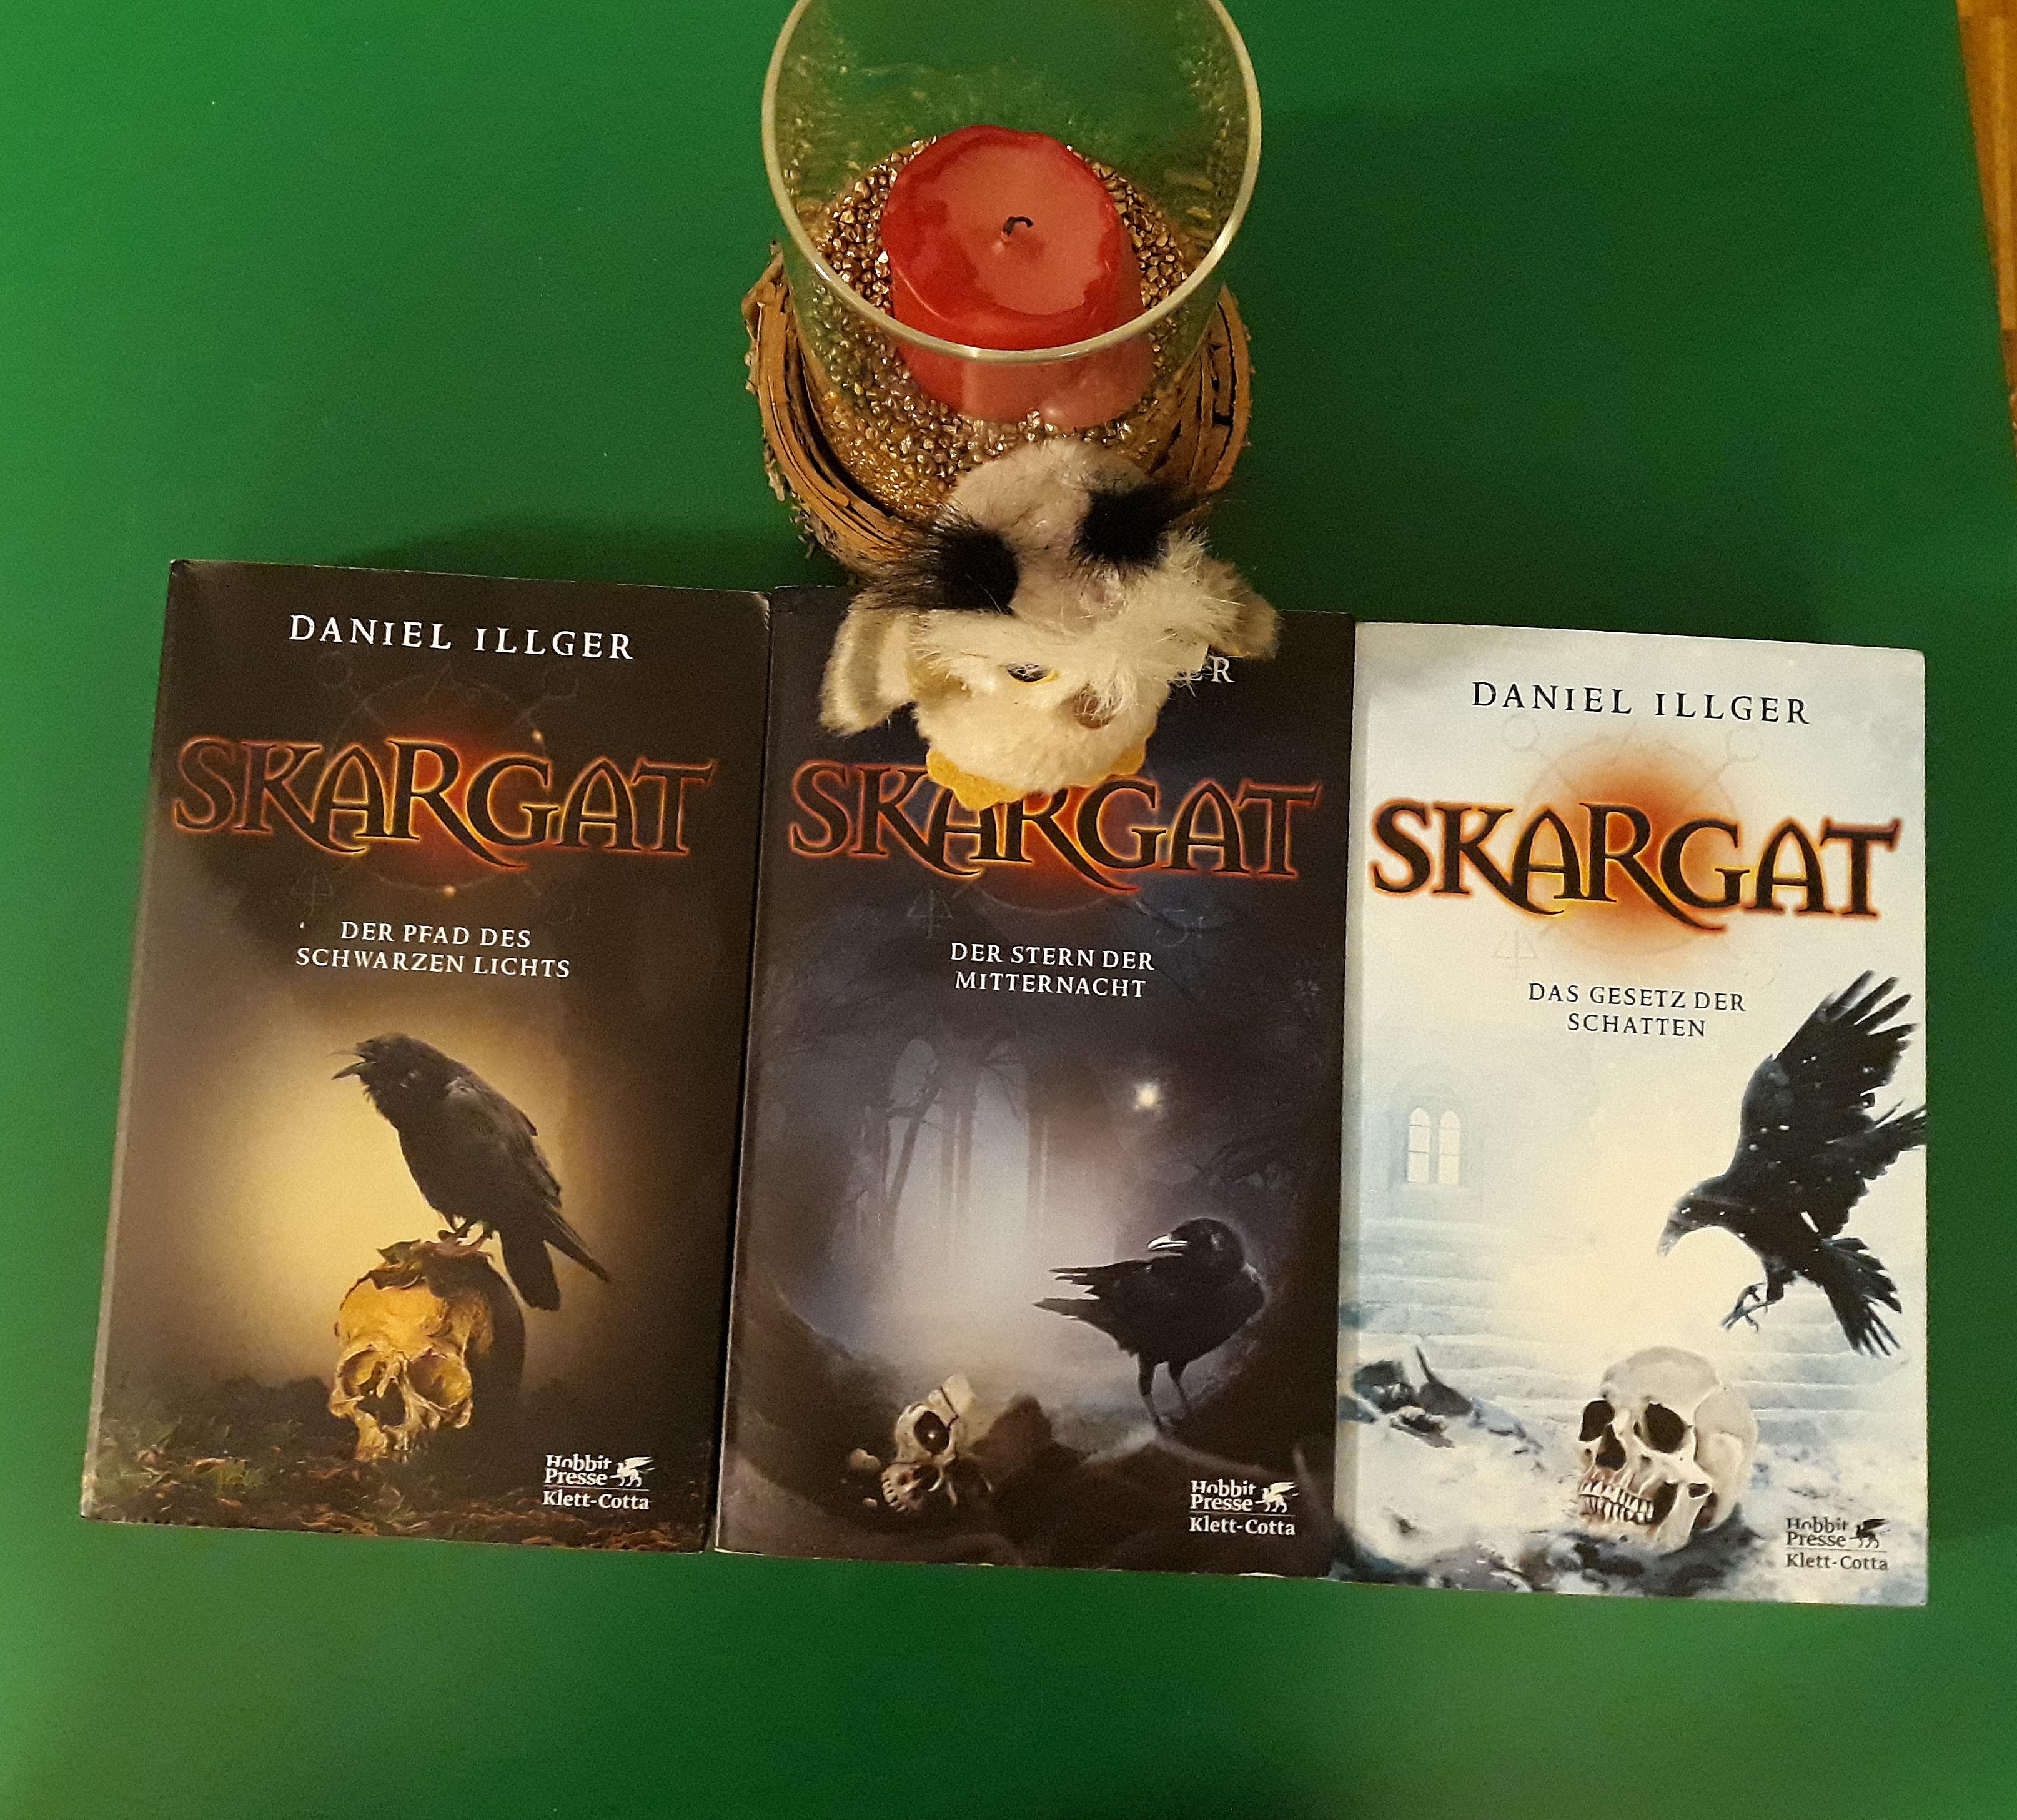 Skargat - Trilogie